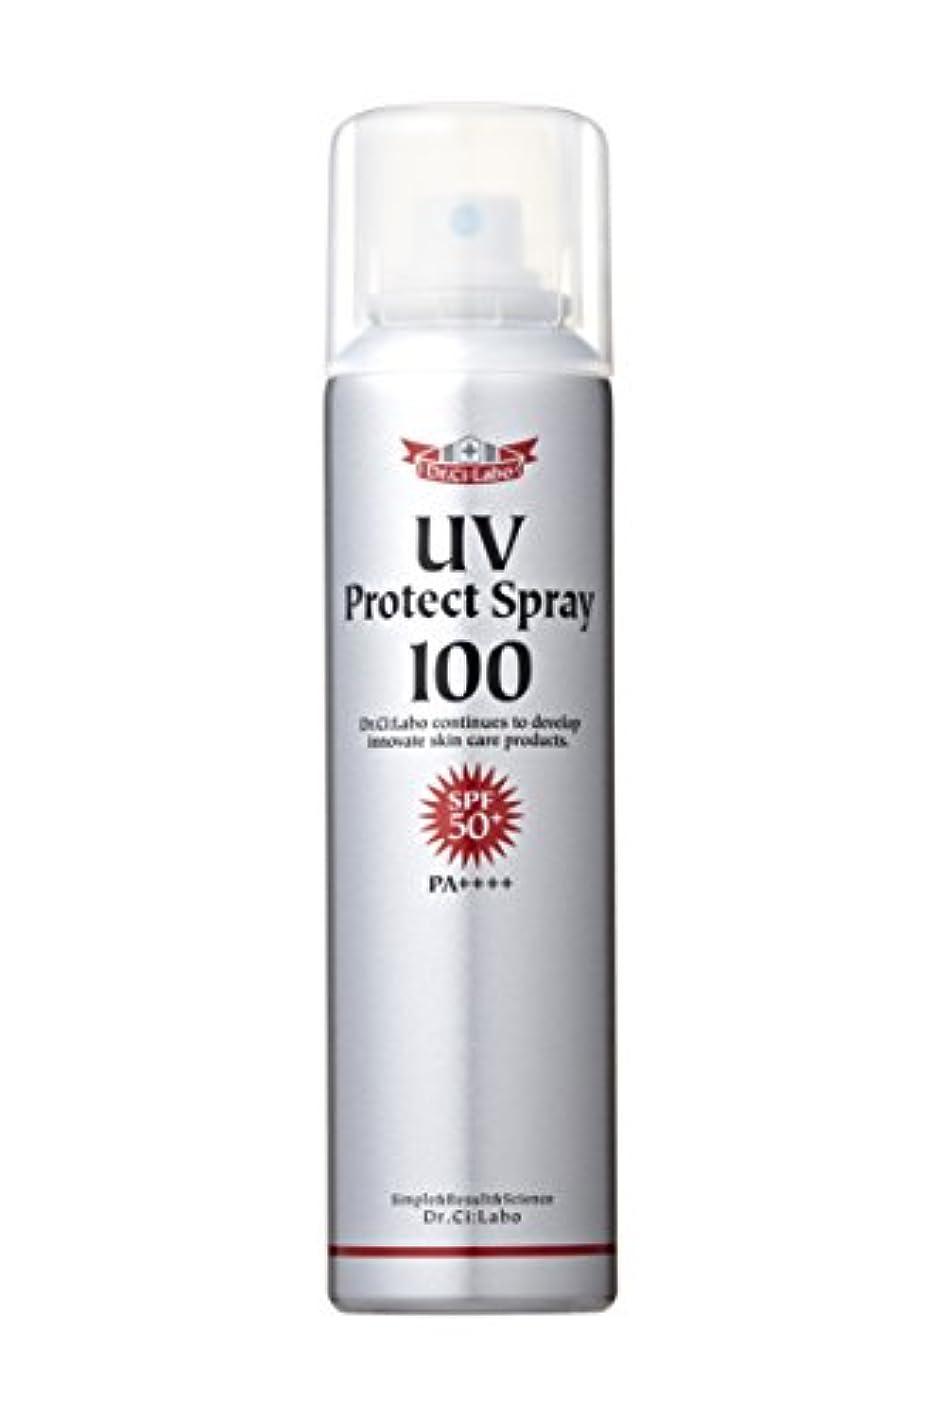 ラウンジ説明的口頭ドクターシーラボ UVプロテクトスプレー100 日焼け止め 100g